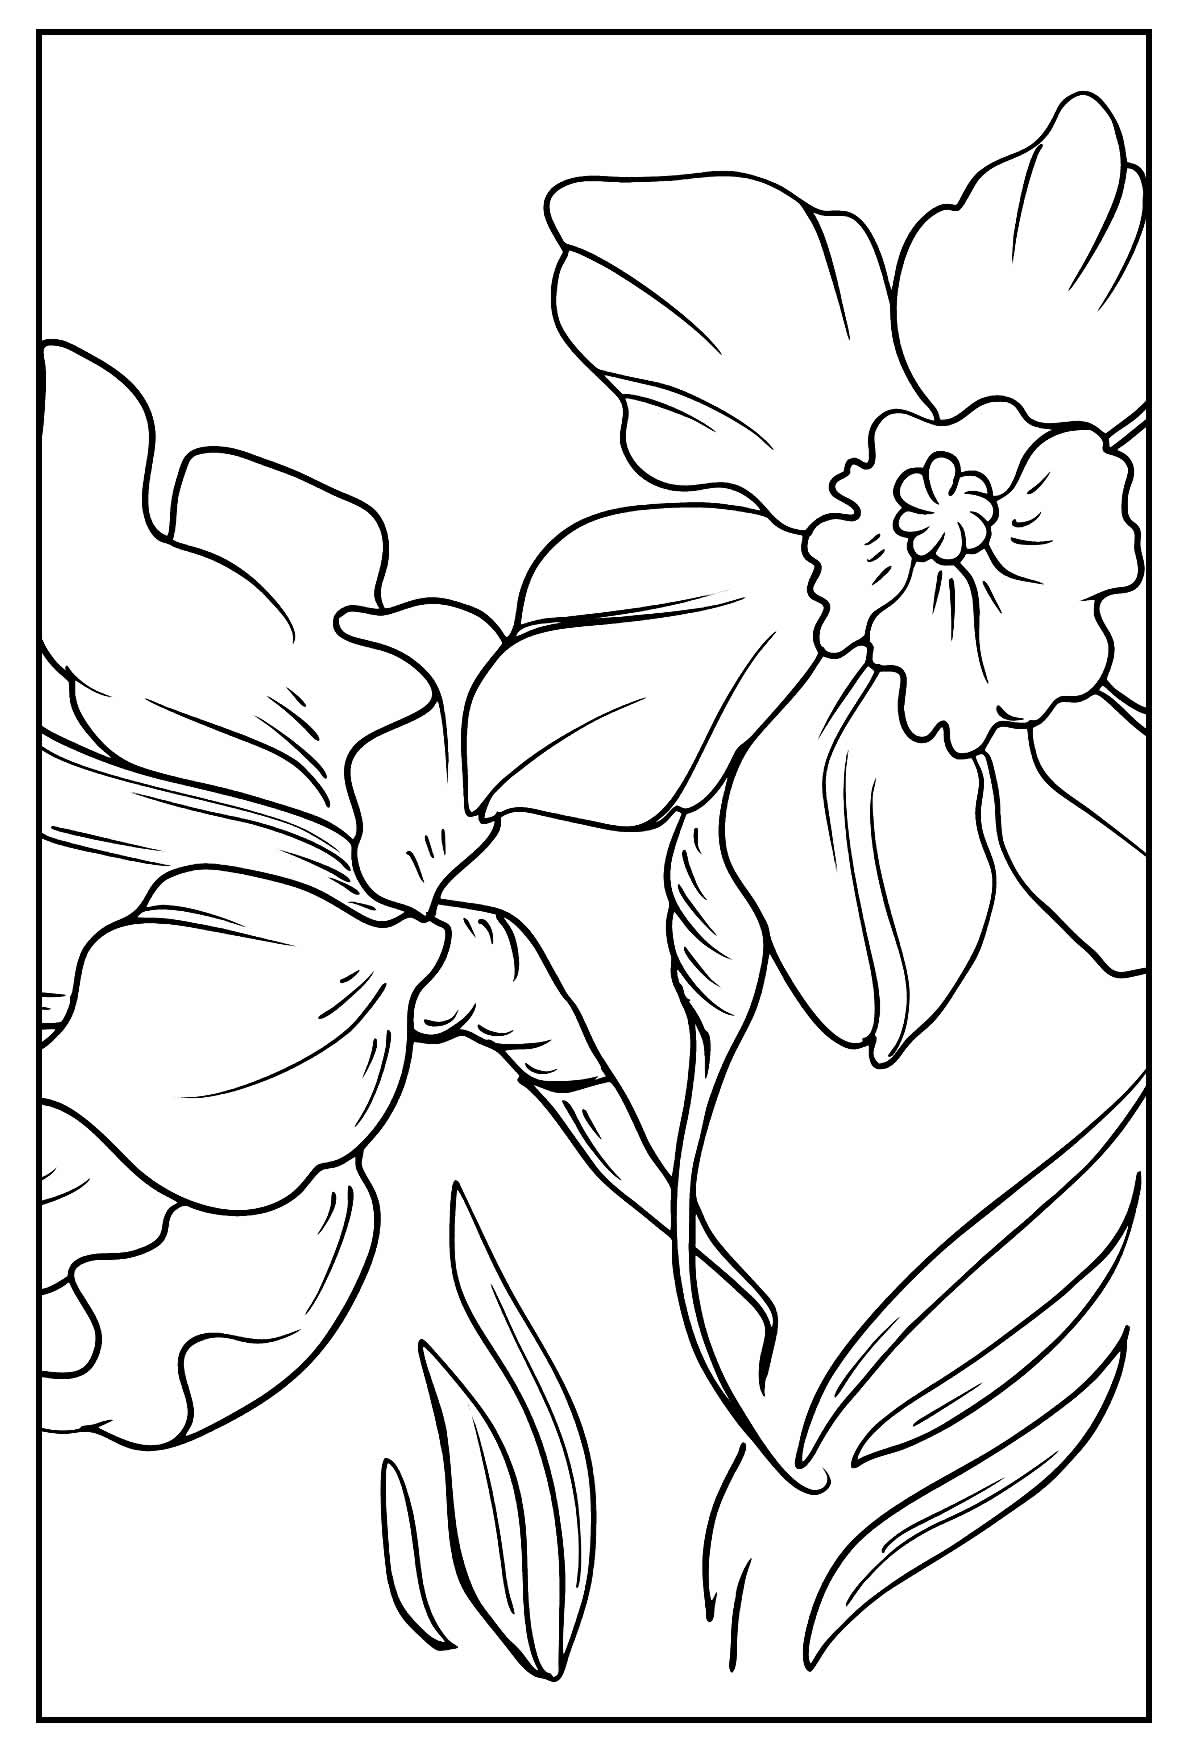 Páginas para colorir de Flores